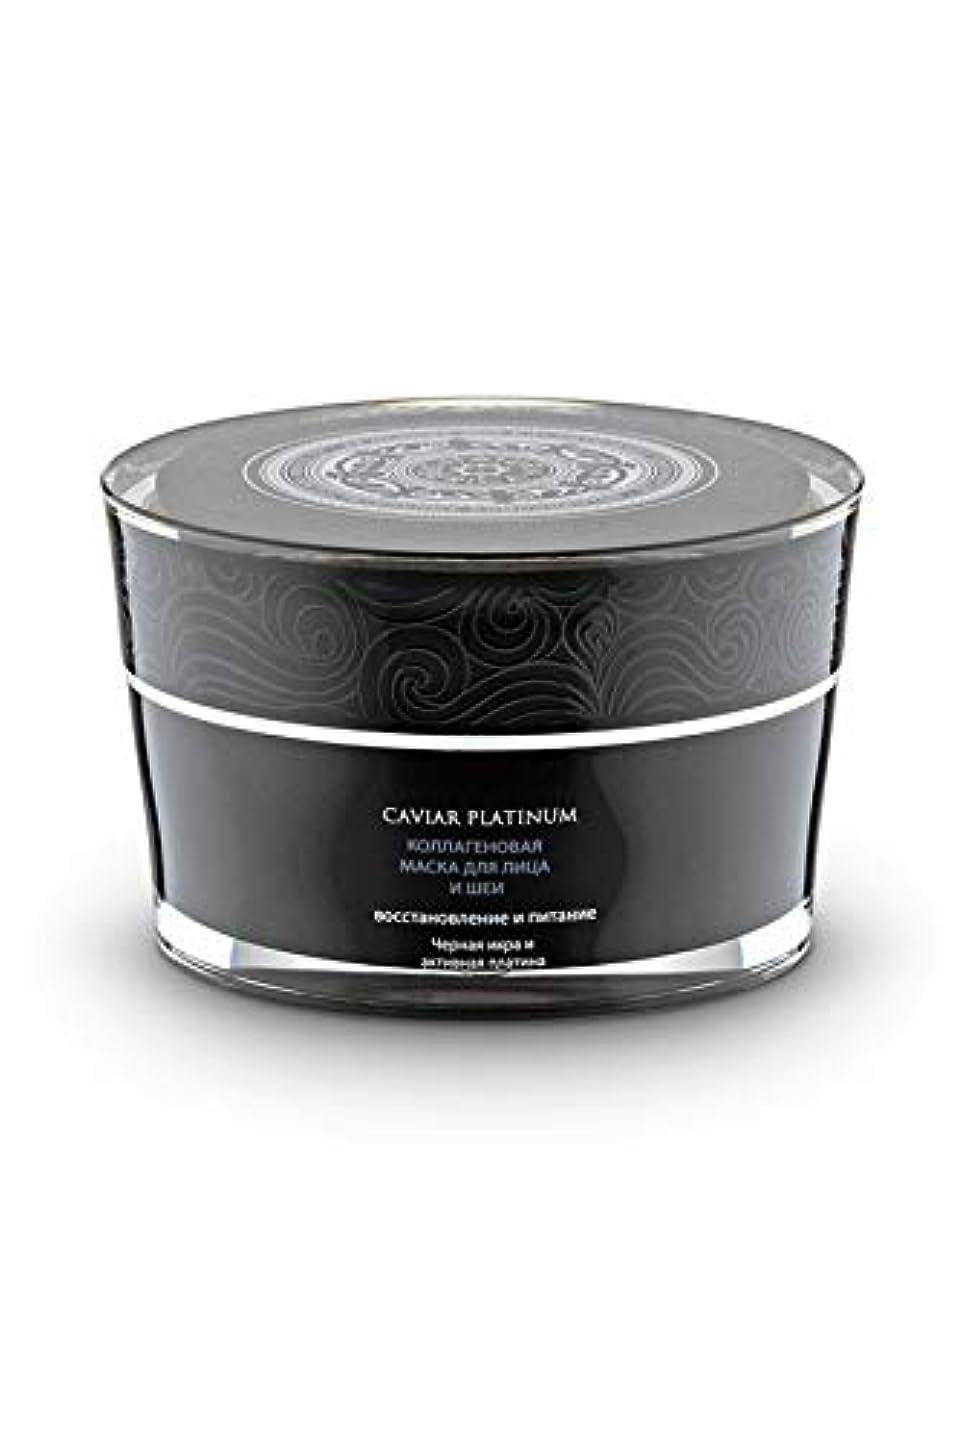 ブロンズ自我カバーナチュラシベリカ キャビア プラチナ Caviar Platinum コラーゲンフェイス&ネック マスククリーム 50ml